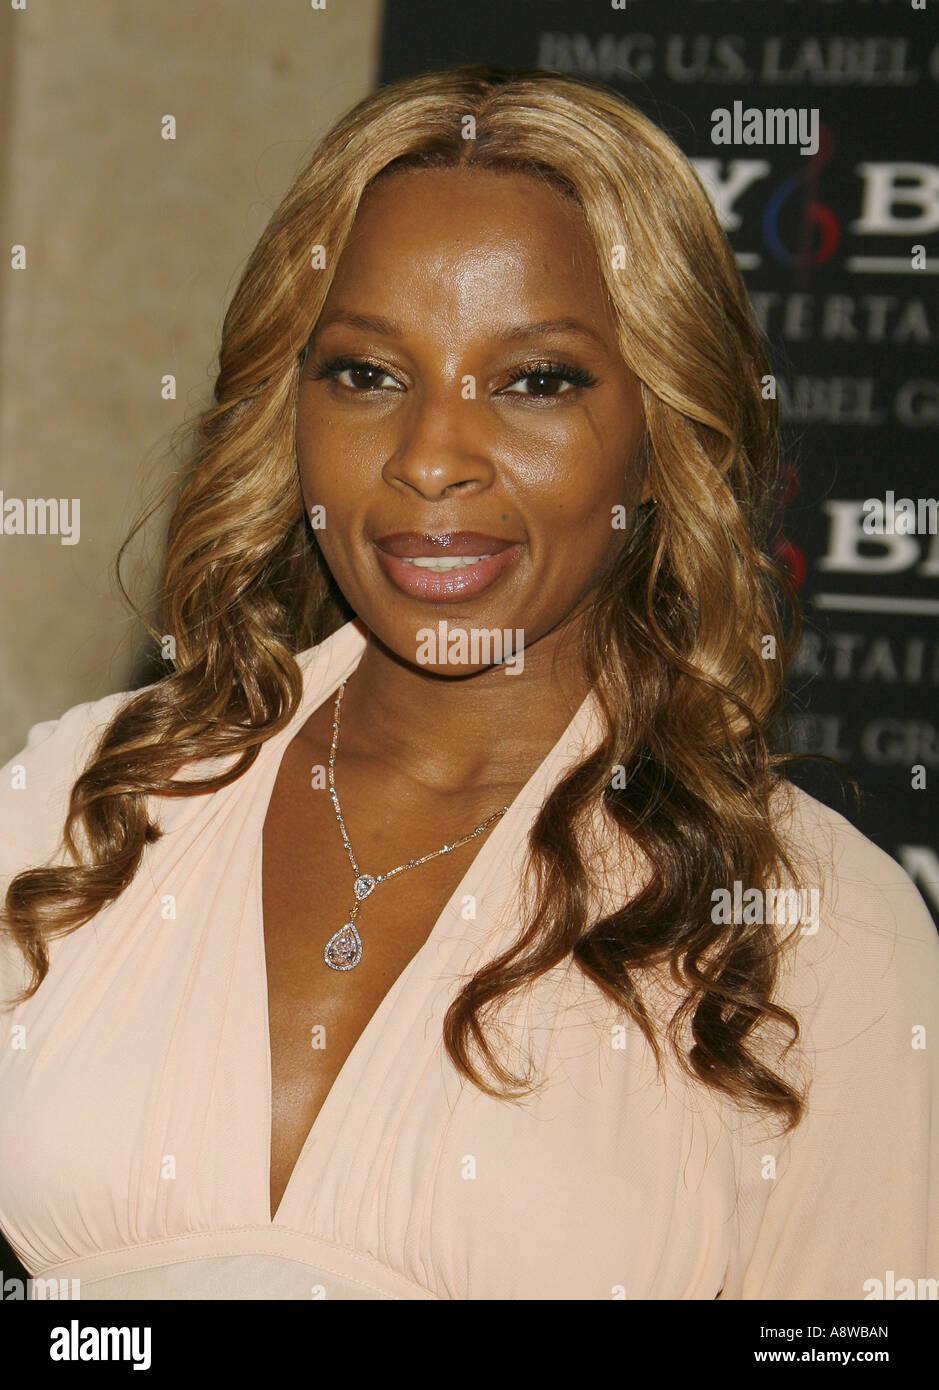 MARY J BLIGE - US singer in 2007 - Stock Image